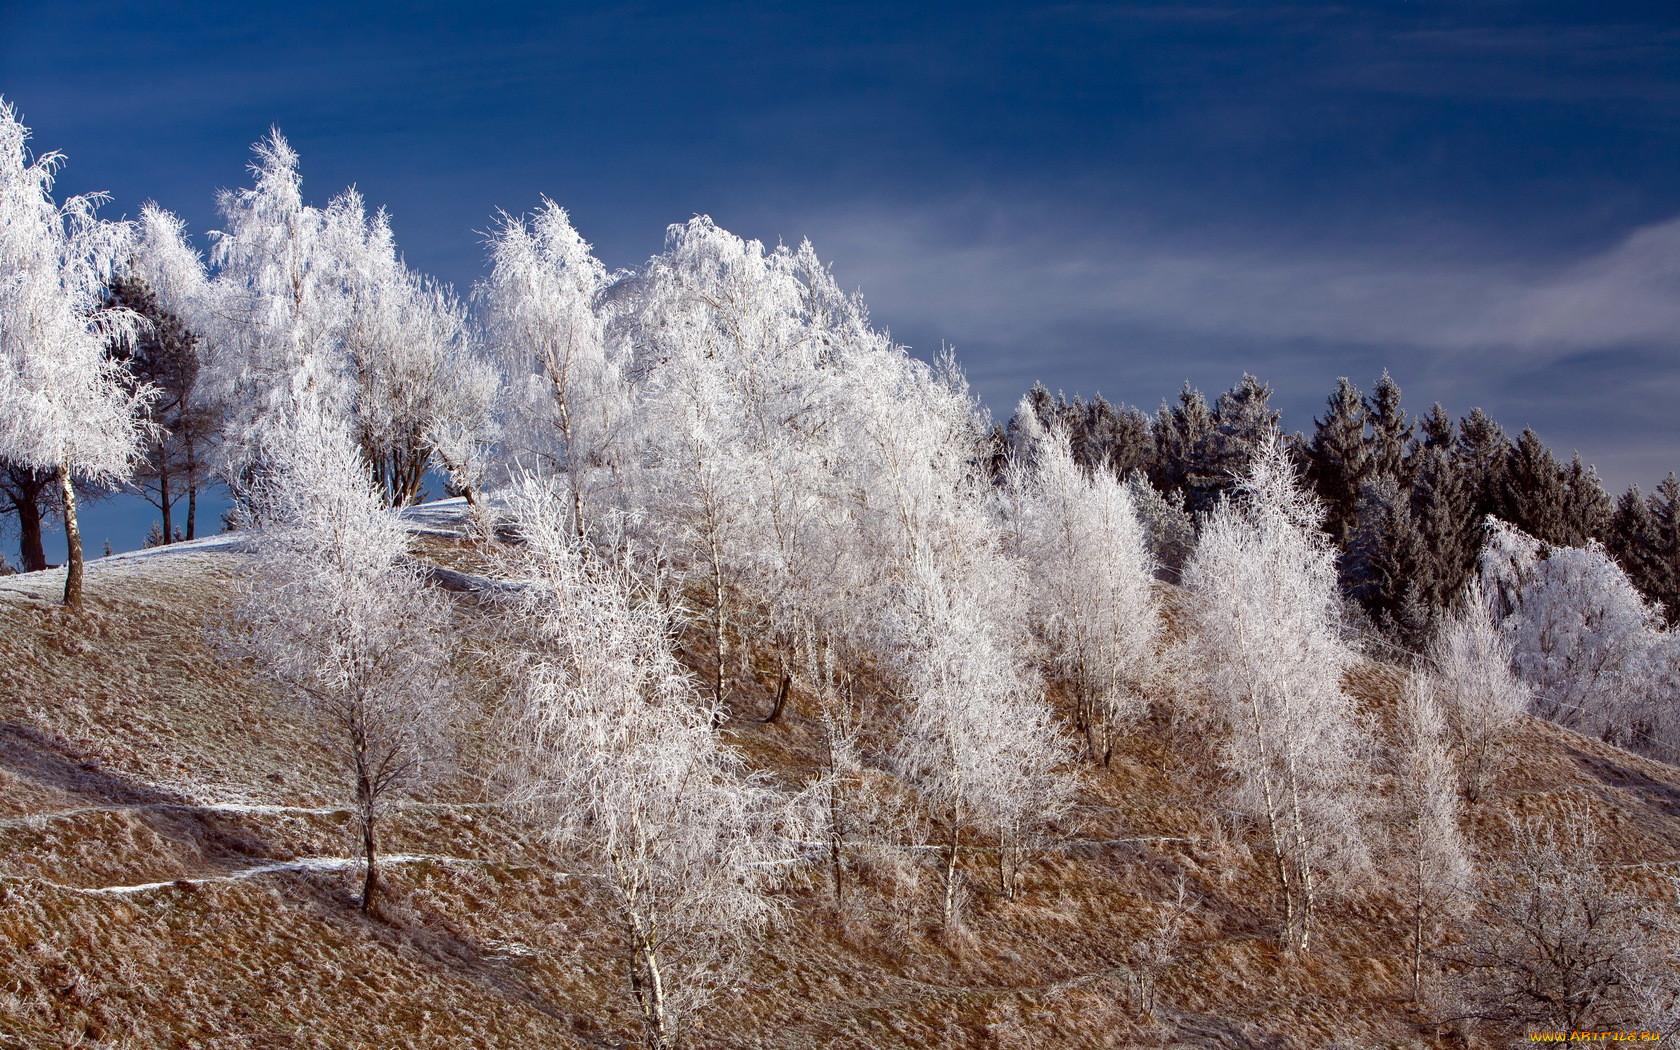 раскраски точкам, иней на деревьях фото пару минут